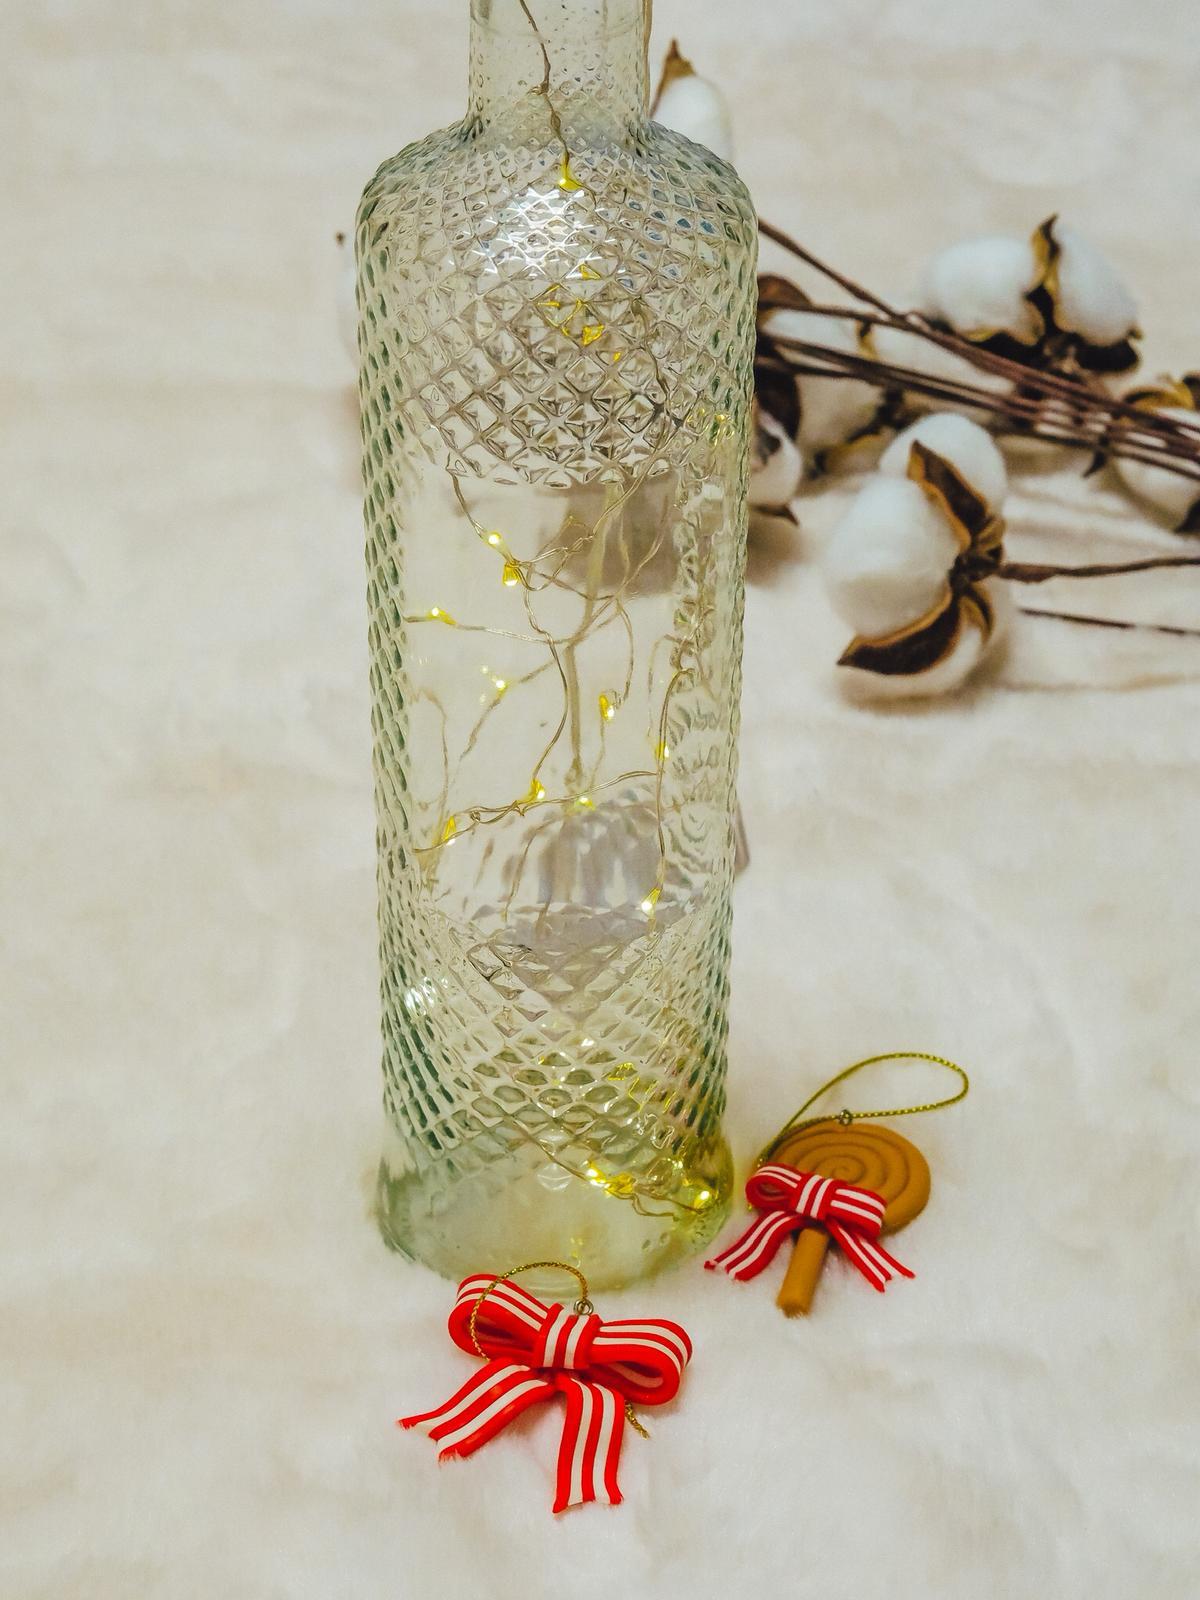 DIY Schneezauber Leuchtflasche mit Lichterkette.